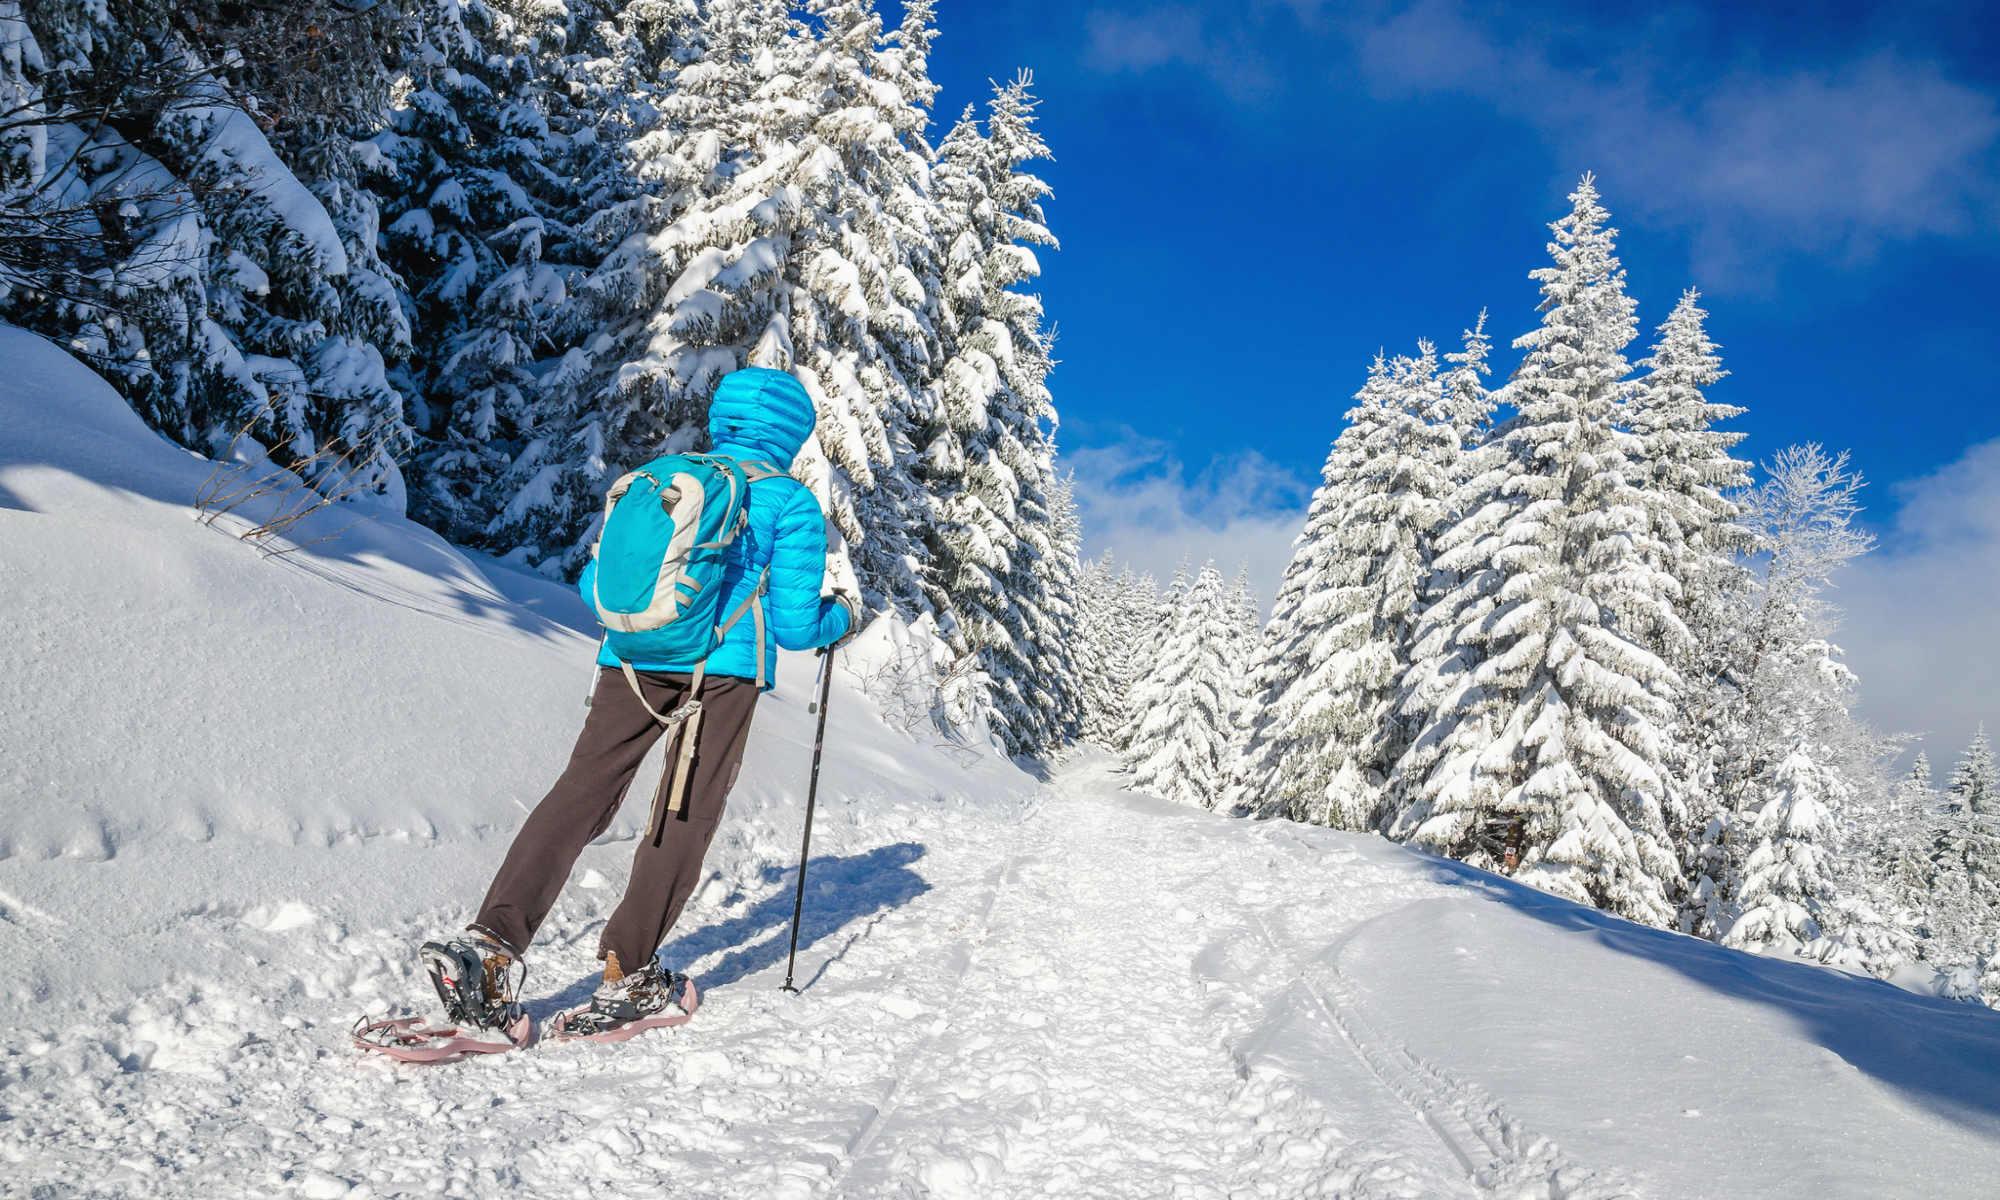 Een vrouw maakt een sneeuwschoenwandeling in een prachtig besneeuwd landschap.